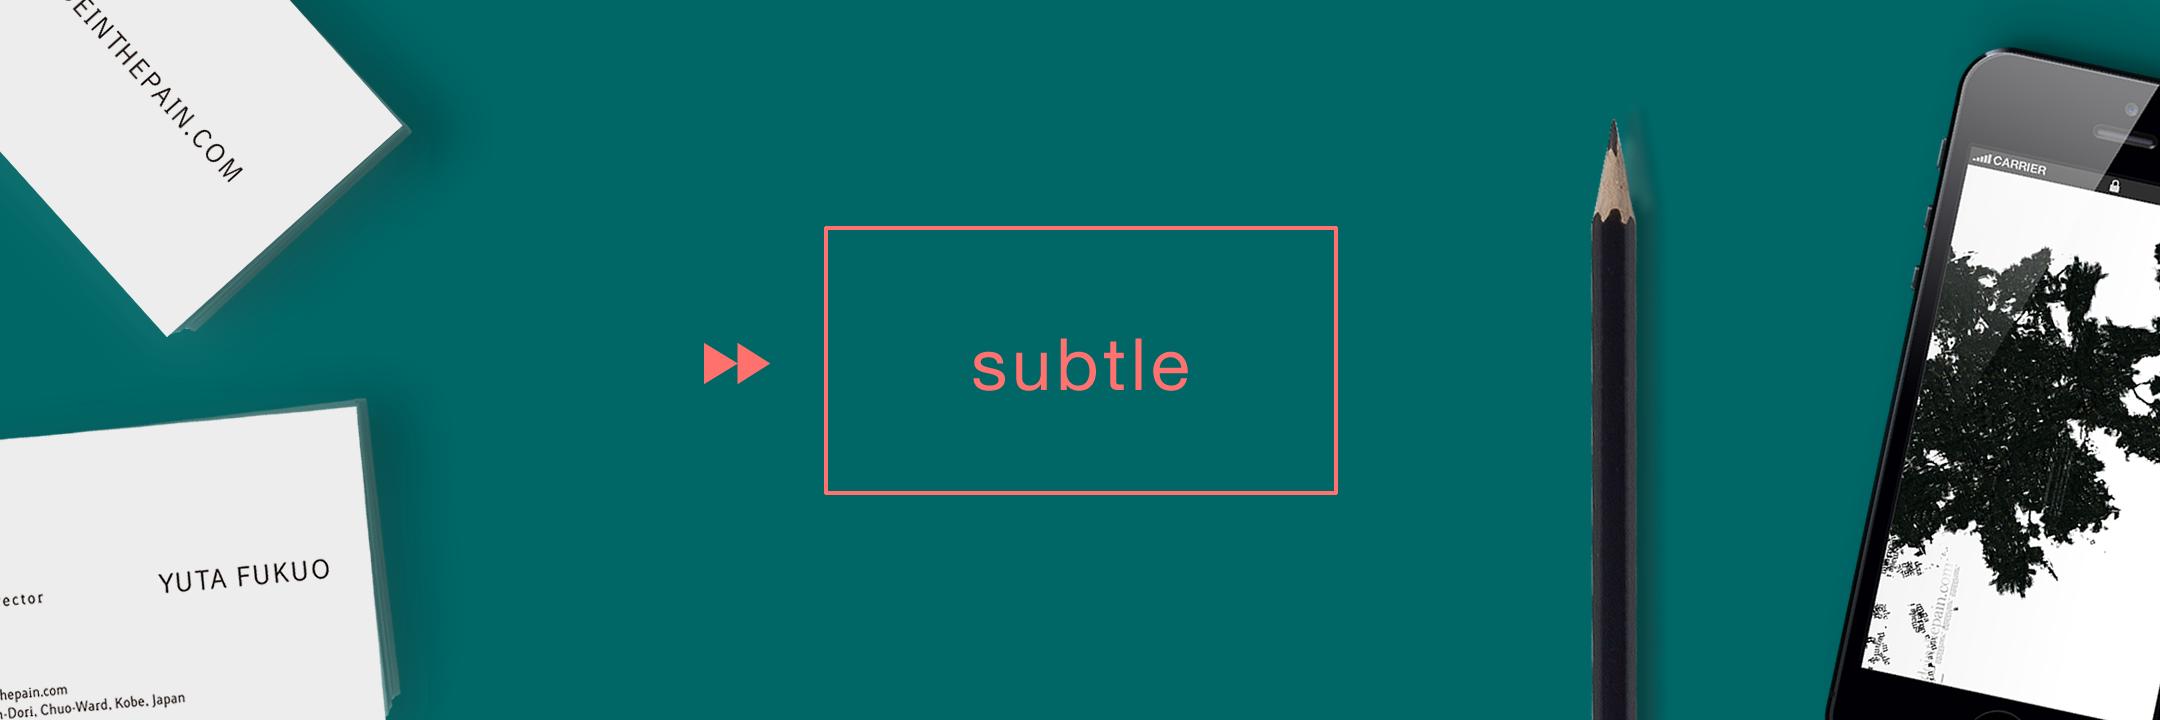 『subtle』の意味は「ほのかな、微妙な、希薄な」